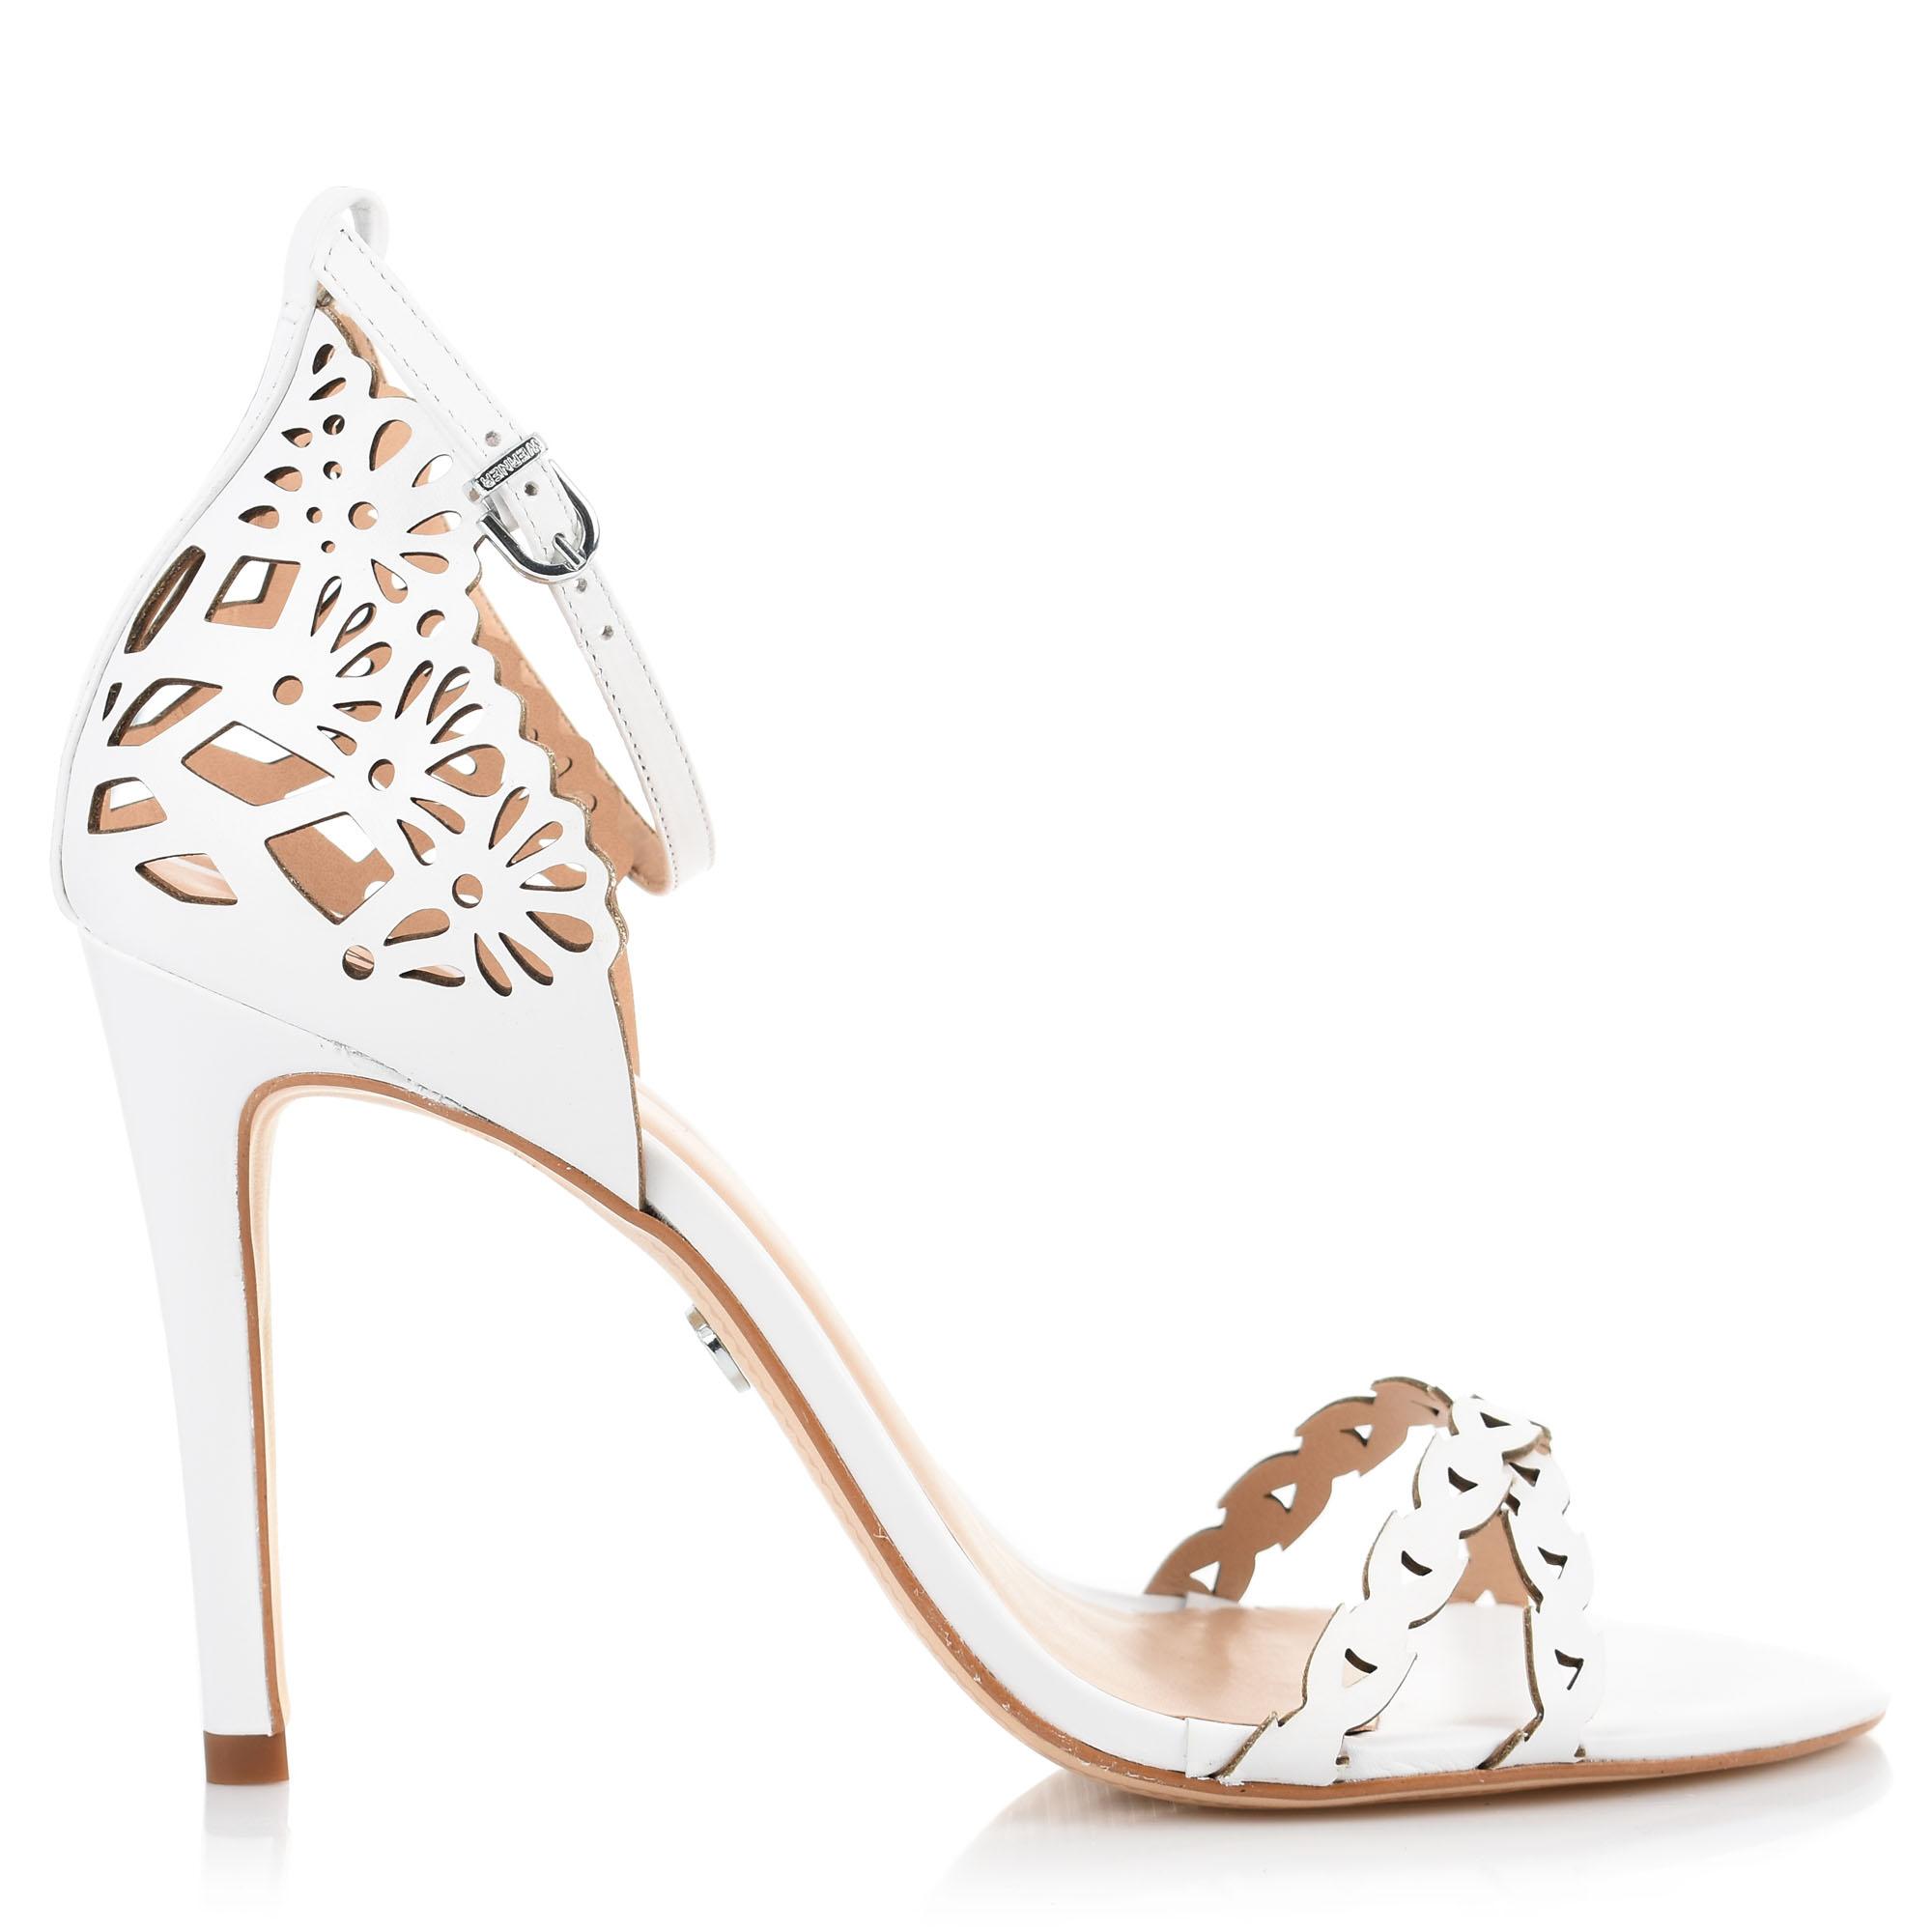 Δερμάτινα Πέδιλα Werner 120120 γυναικα   γυναικείο παπούτσι